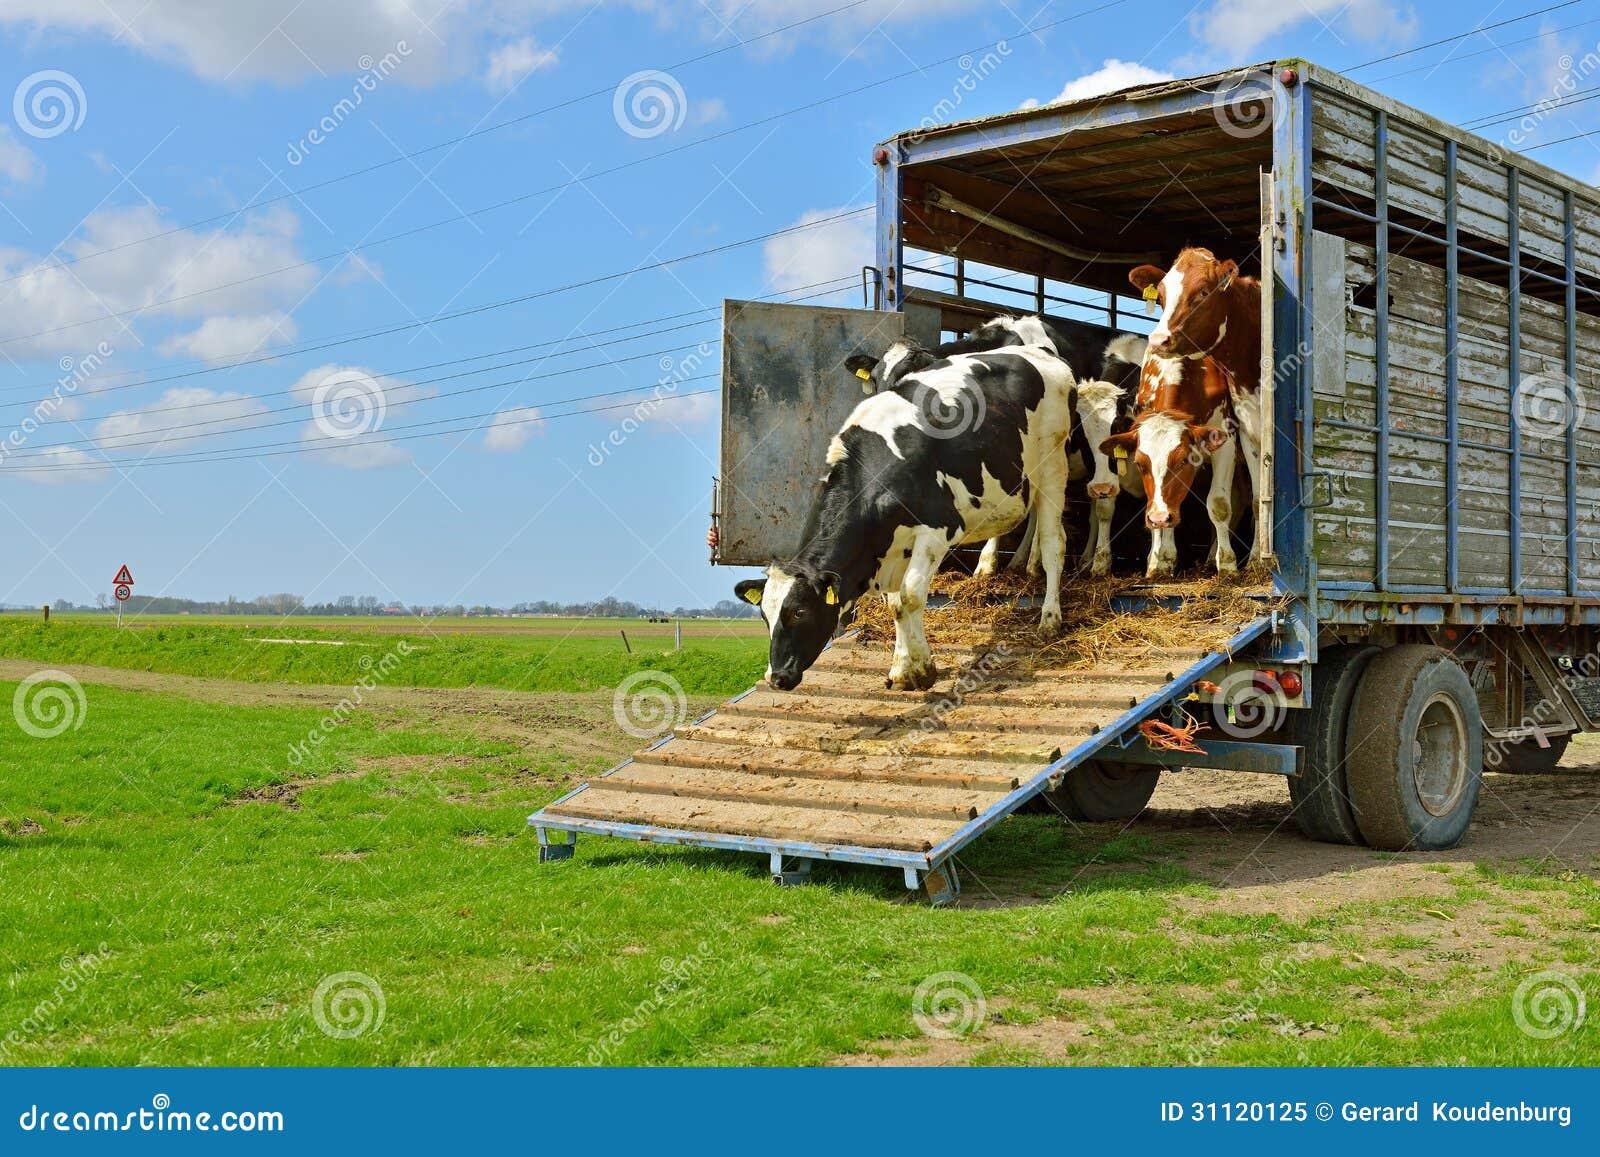 Courses de vache dans le pré après transport de bétail